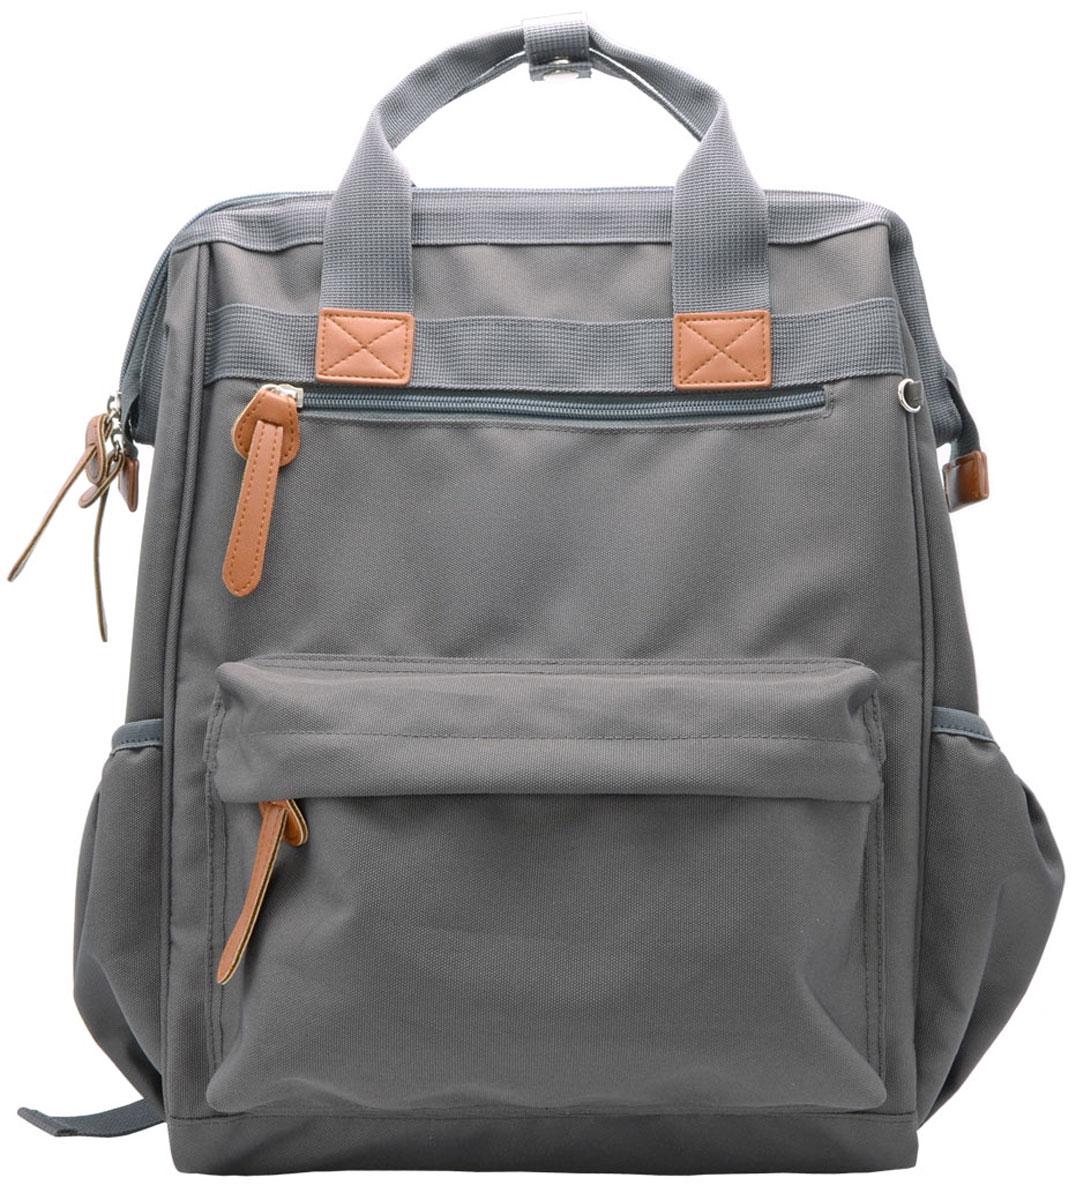 Action! Рюкзак детский цвет серый72523WDСтильный рюкзак-сумка для деловых людей объемом 18 литров, выполнен из плотного полиэстера с водоотталкивающим эффектом, с декоративными элементами из искусственной кожи. Две верхние ручки позволяют носить рюкзак как деловую сумку. Удобная жесткая рельефная вентилируемая спинка повторяет продольную анатомию спины. На спинке имеется небольшой потайной карманчик на молнии. Основное отделение закрывается на молнию. Внутри имеется карман на молнии, органайзер для письменных принадлежностей и органайзер на резинке для книг, тетрадей, ноутбука размером до 16. На лицевой стороне-2 кармана на молнии, нижний размером 25 х 15 см. По бокам - карманы без молнии. Задние уплотненные вентилируемые лямки регулируются снизу.